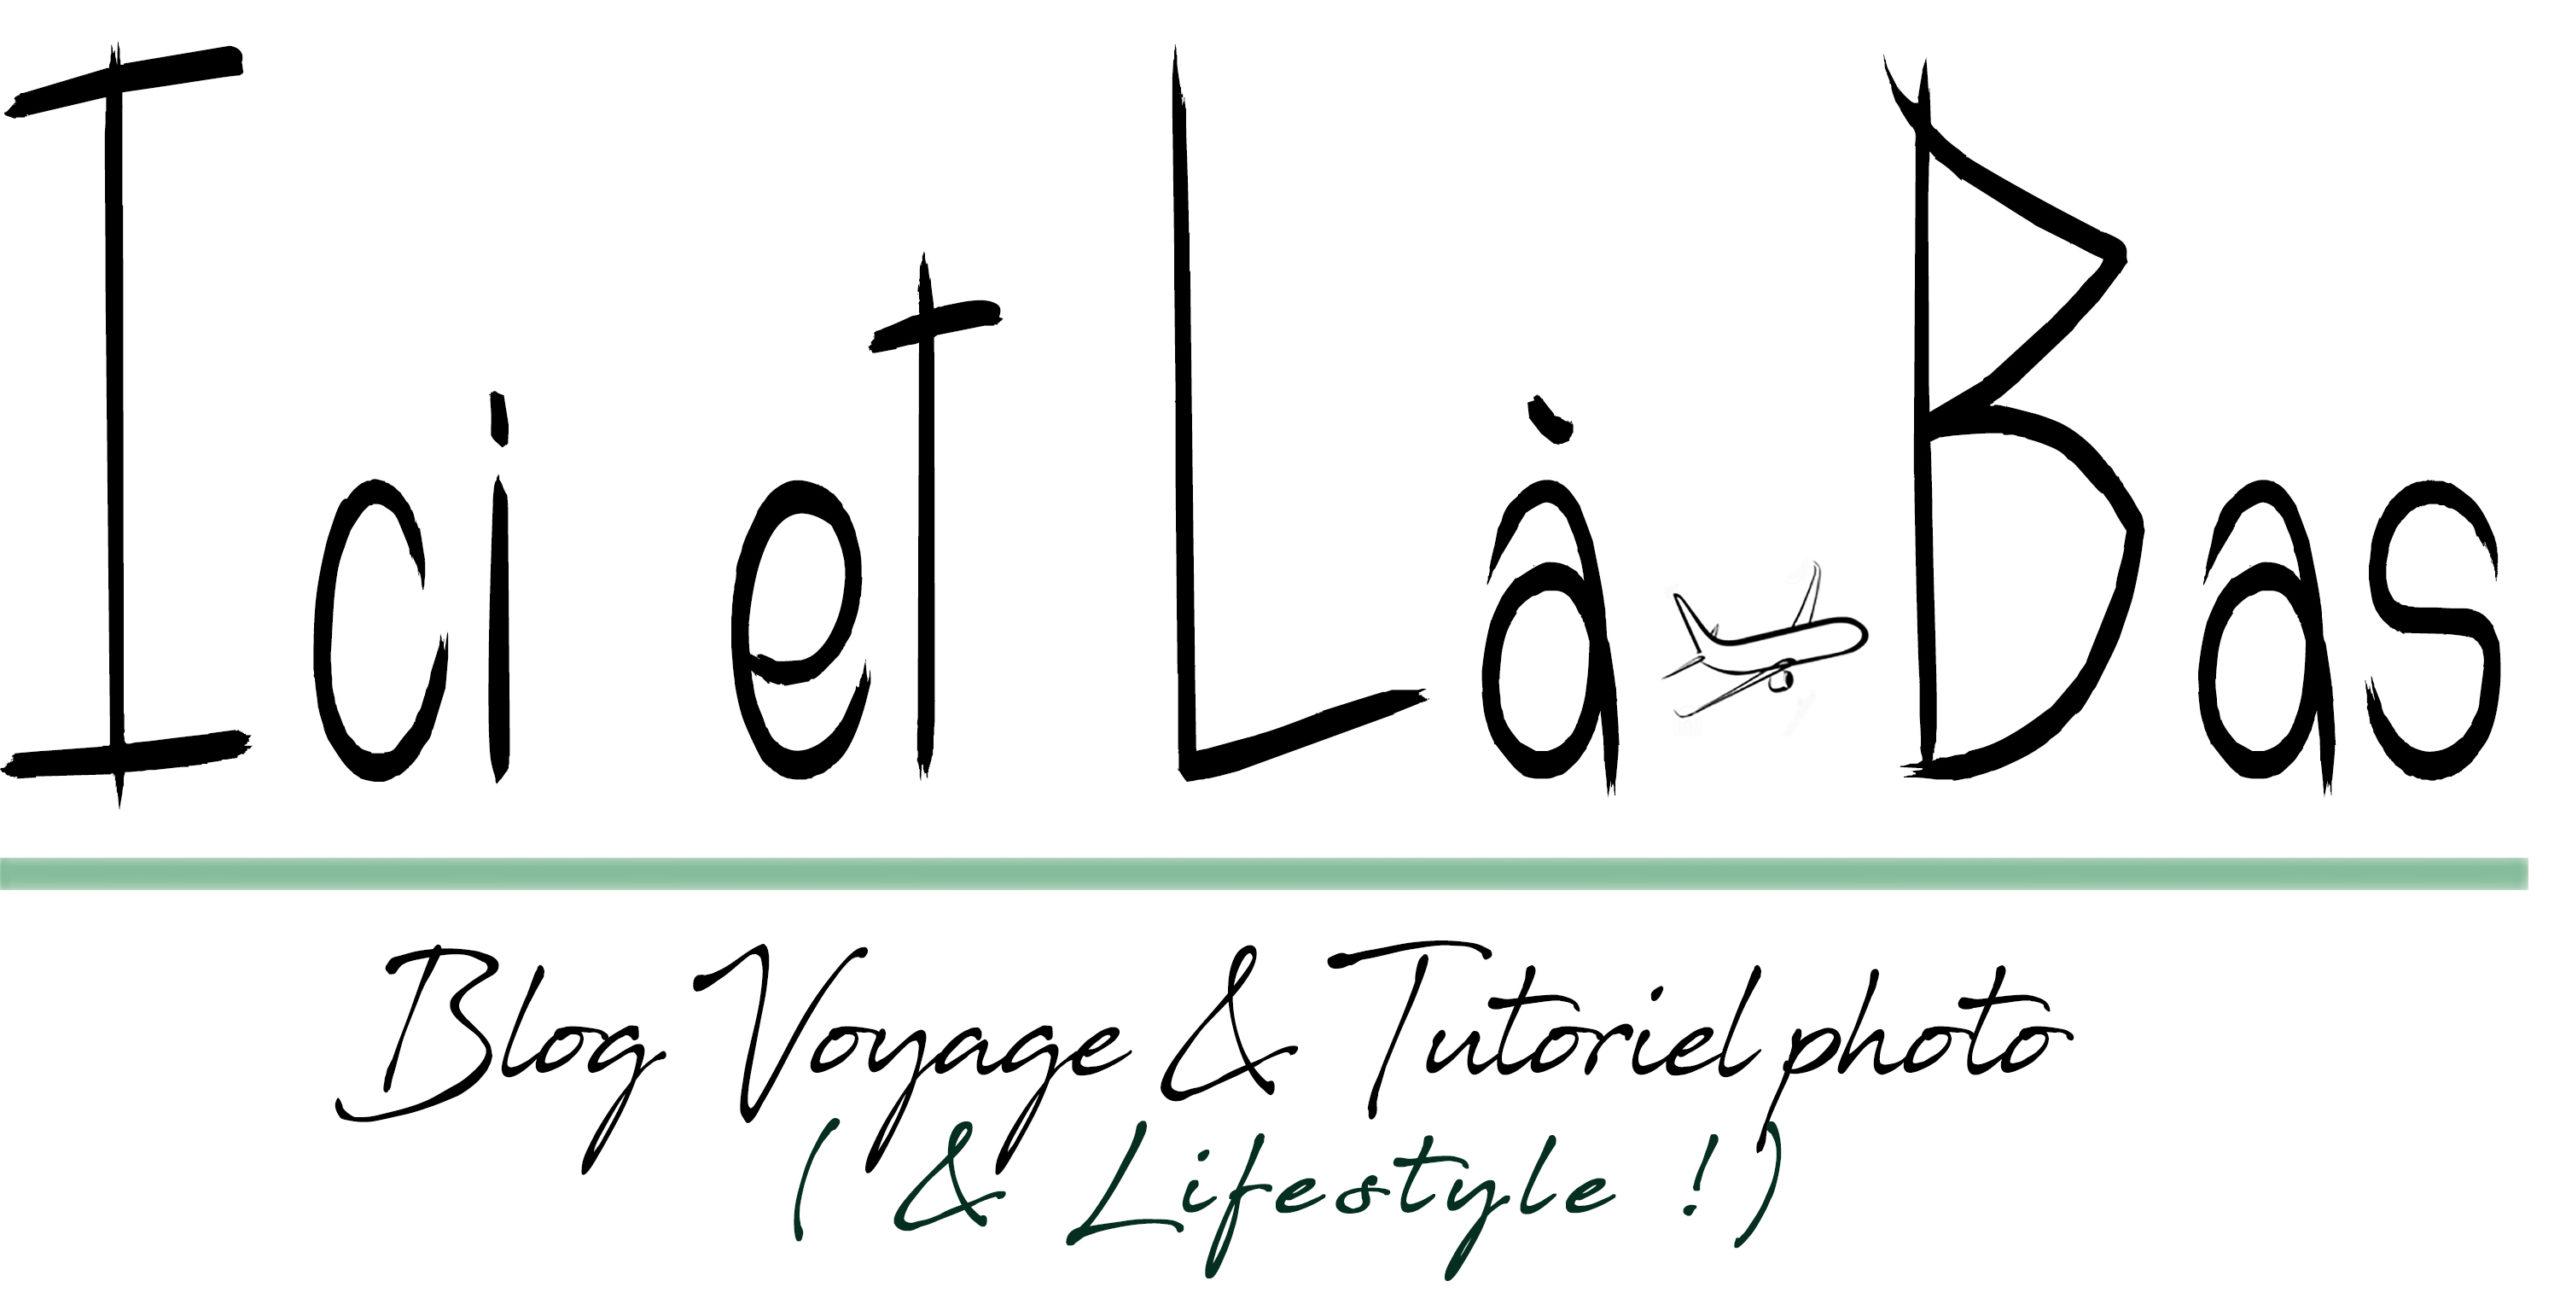 Blog de Voyage, Tutoriels Photos & Lifestyle